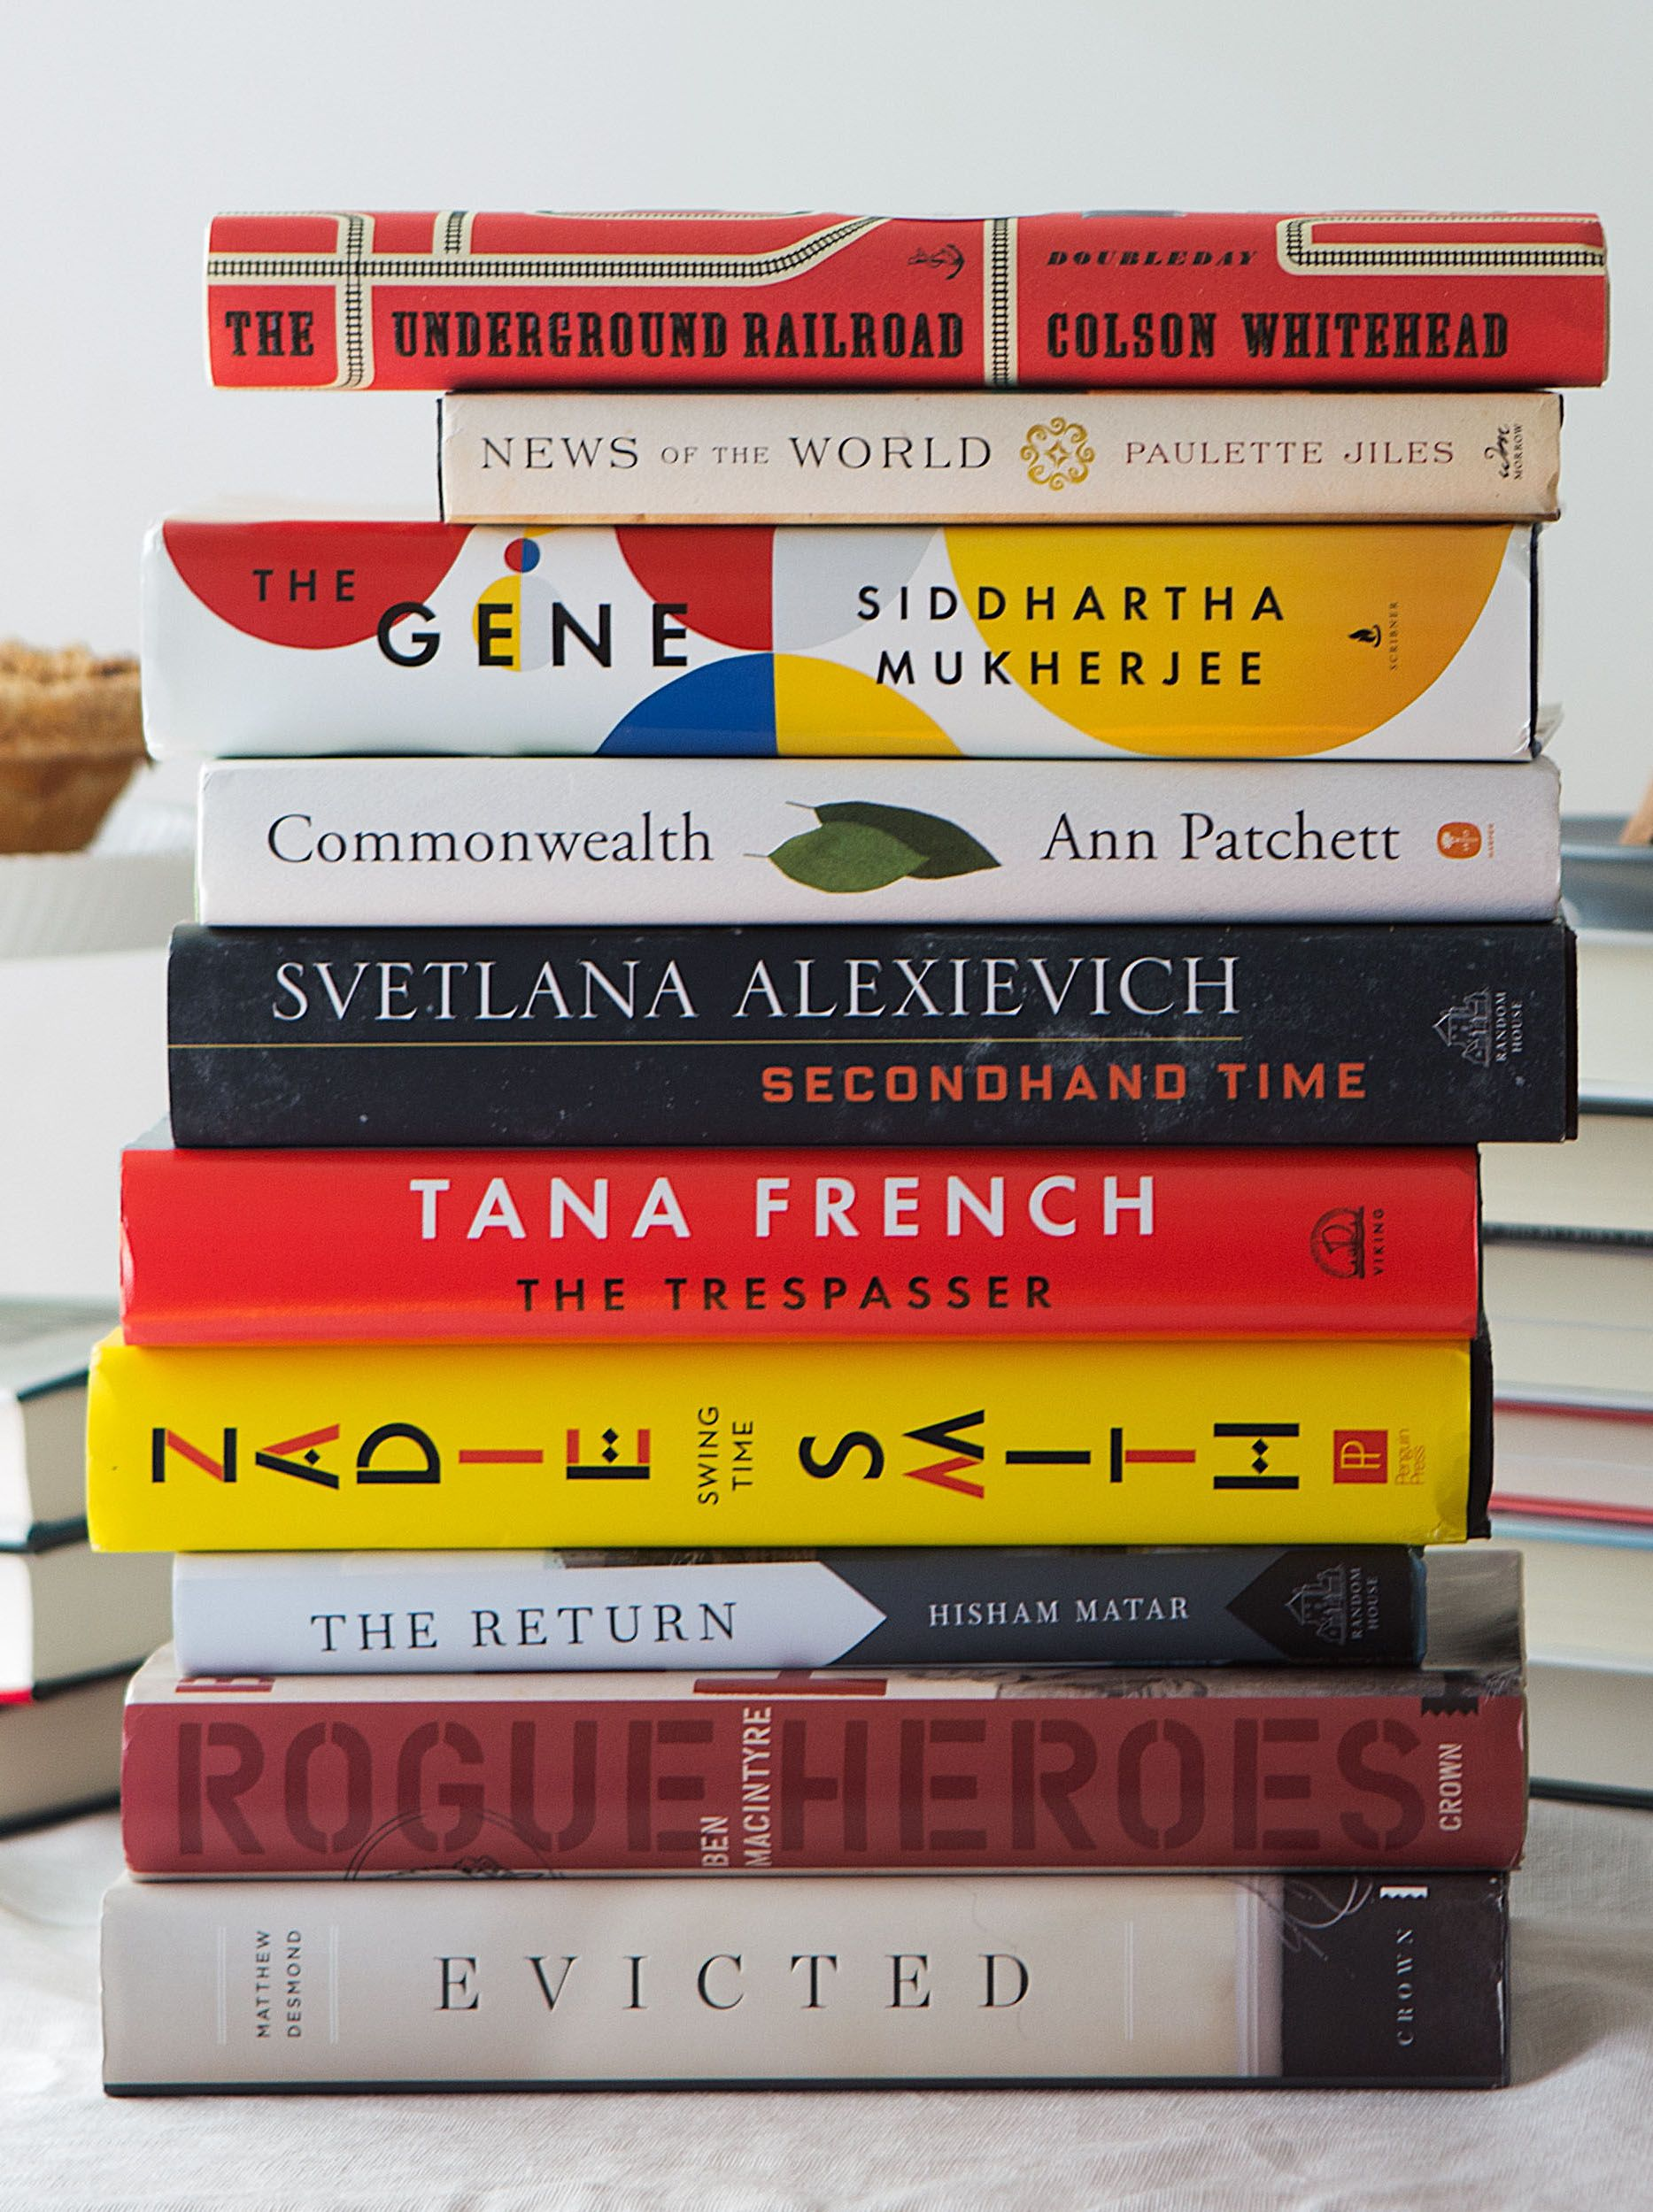 206 Best Nooks Images On Pinterest: Best 25+ Books 2016 Ideas On Pinterest